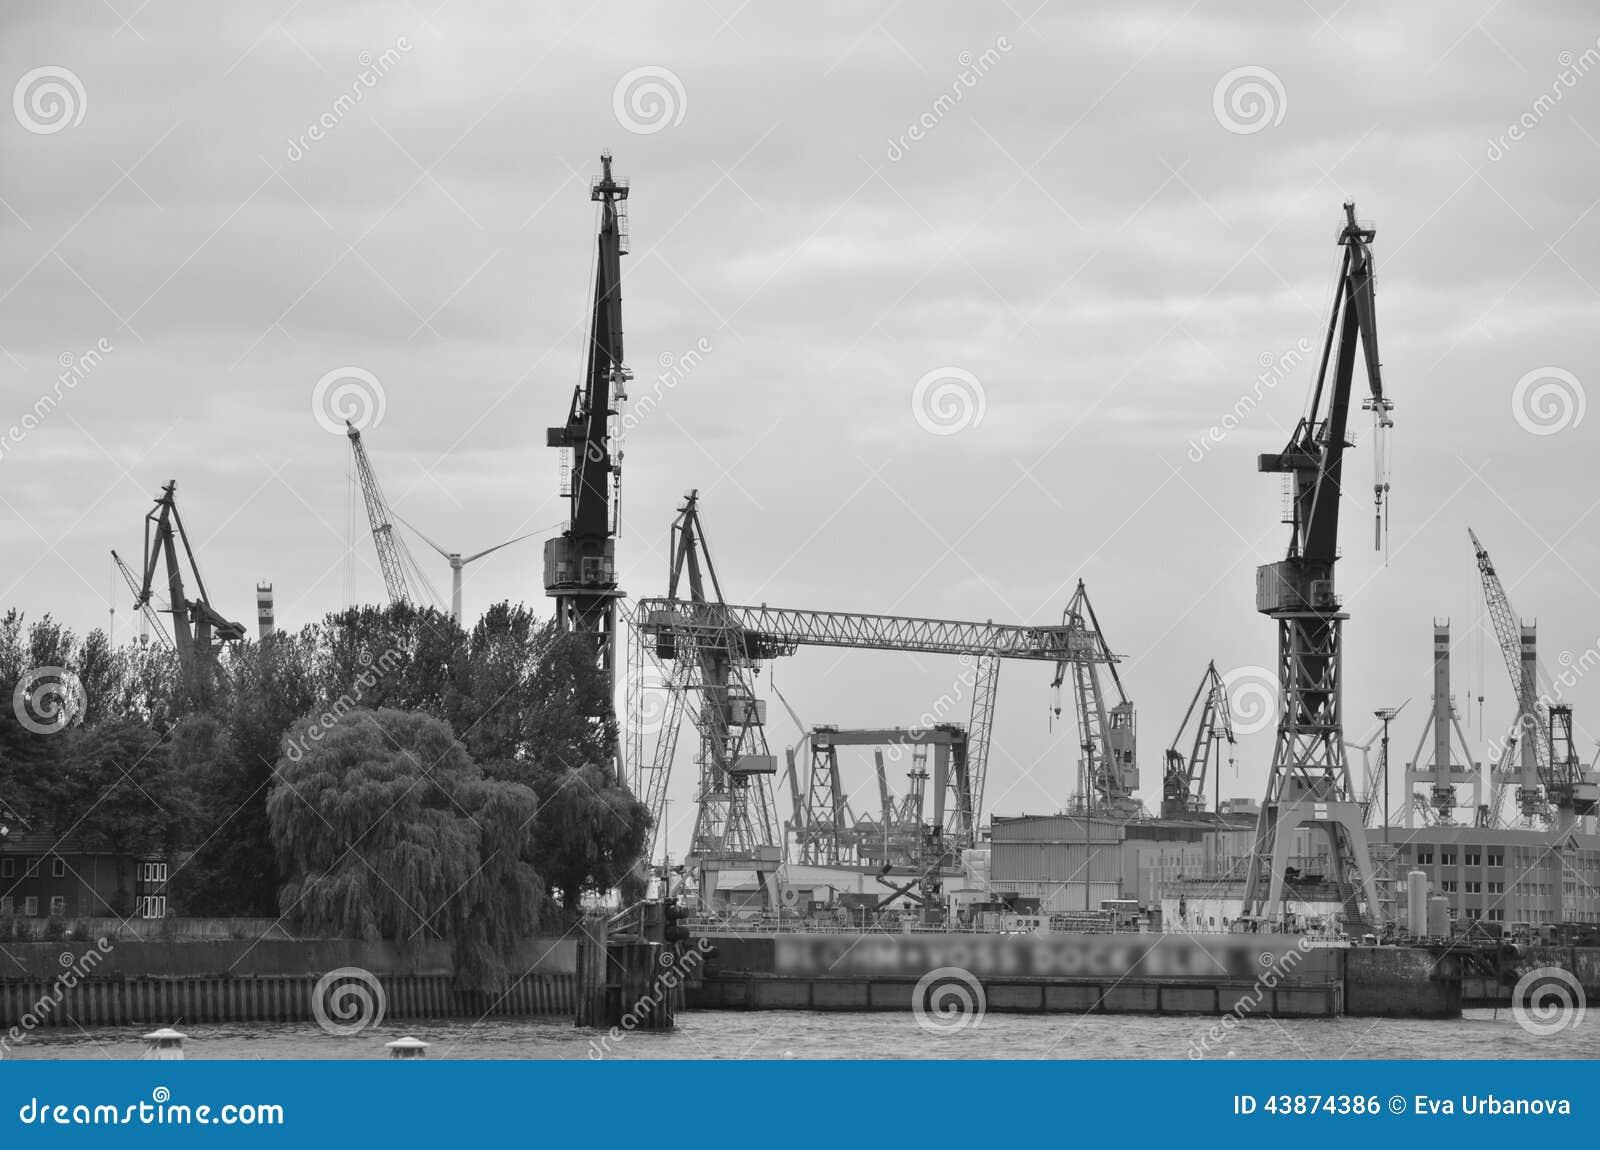 Cranes at Hamburg port